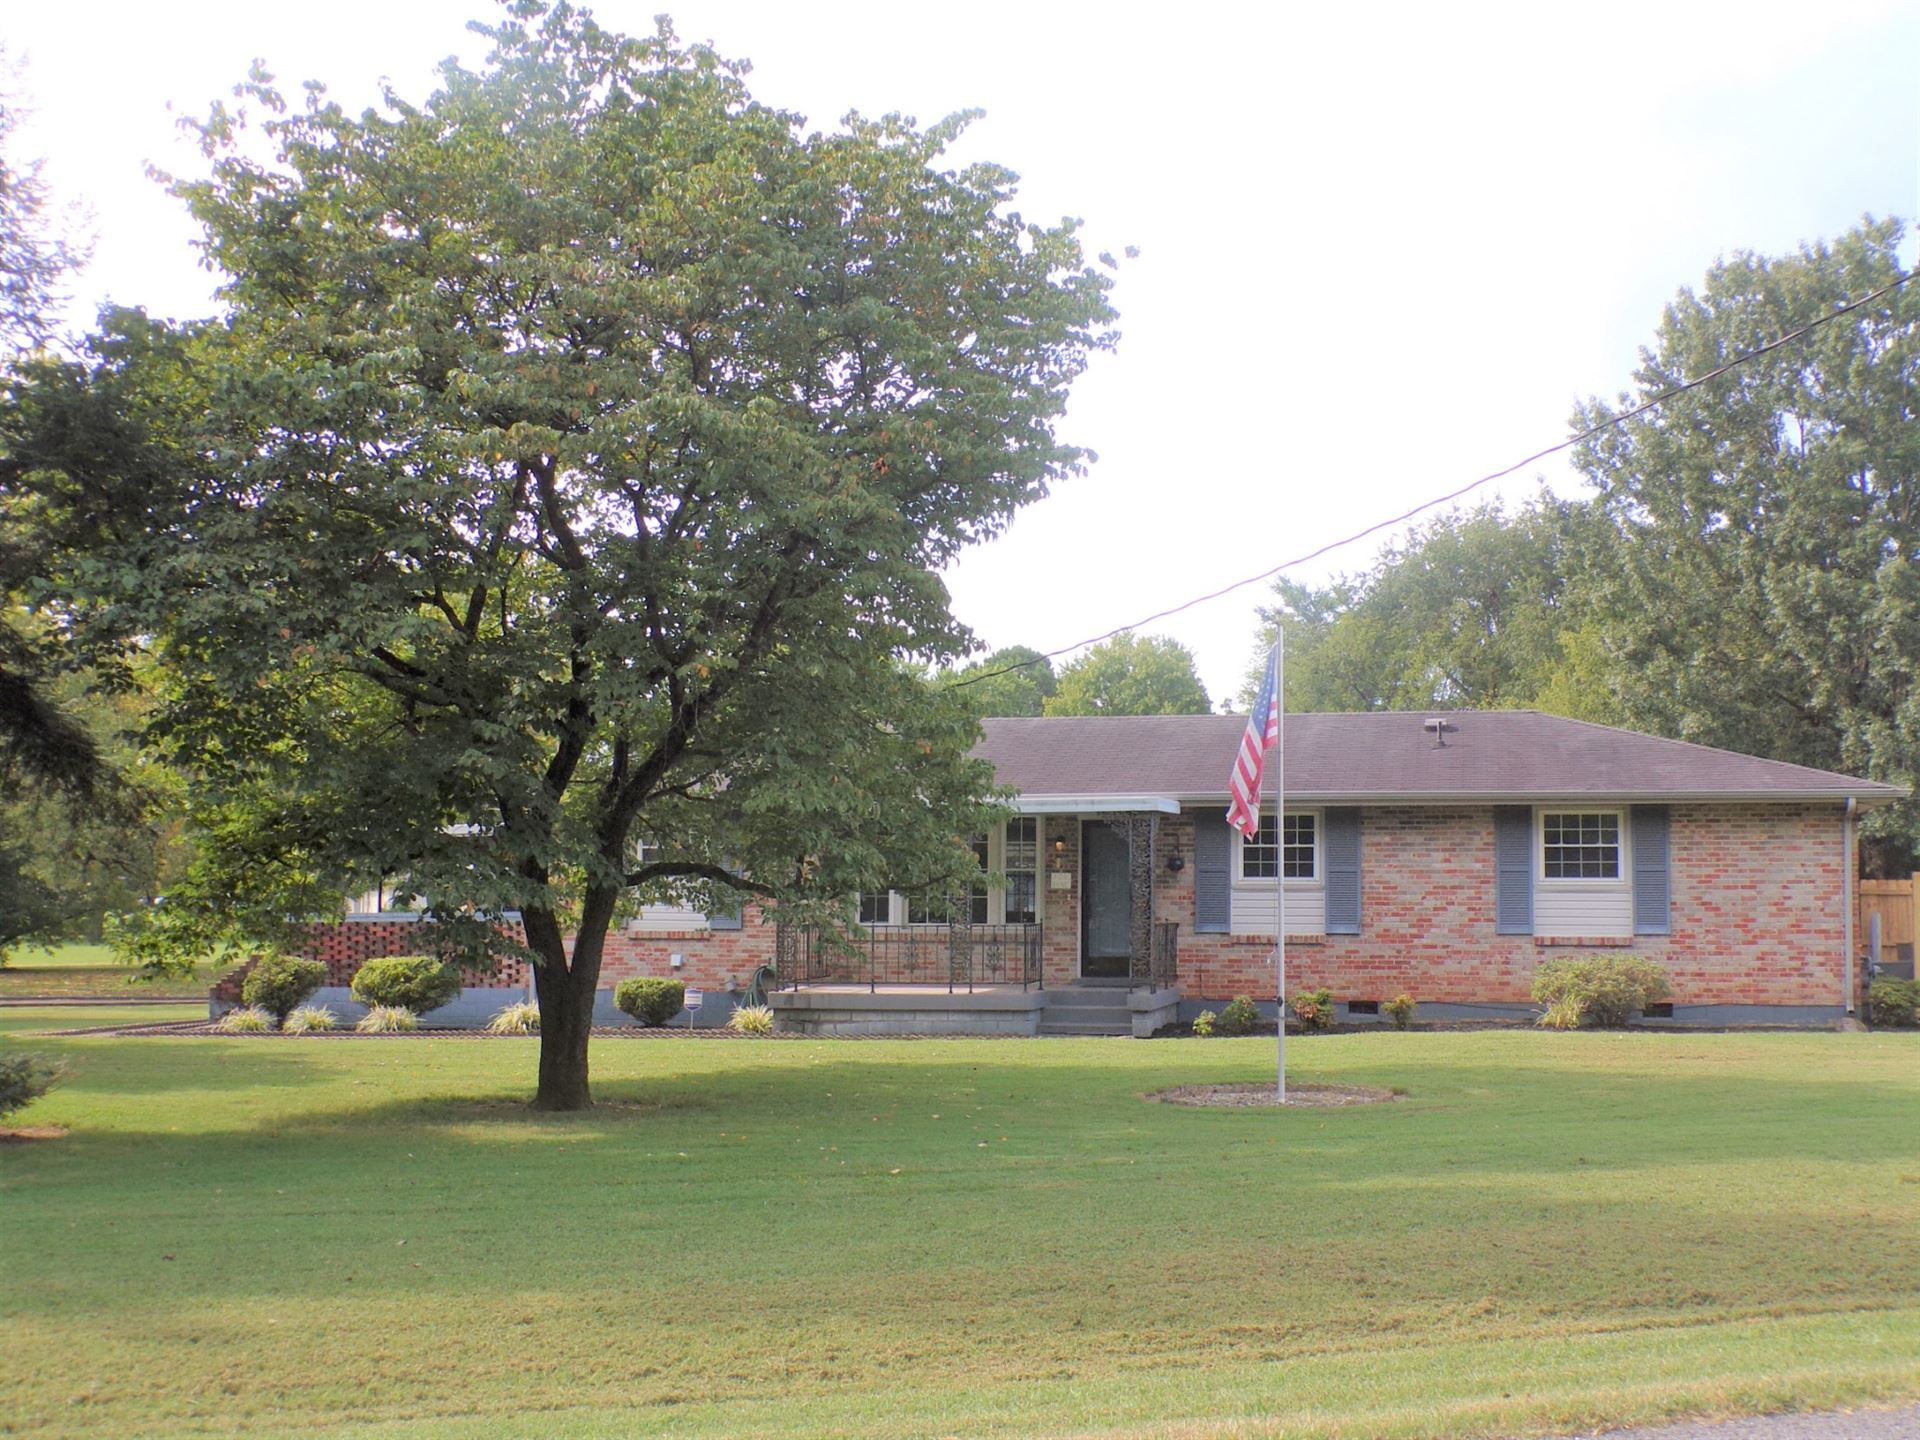 106 Bane Dr, Smyrna, TN 37167 - MLS#: 2188753